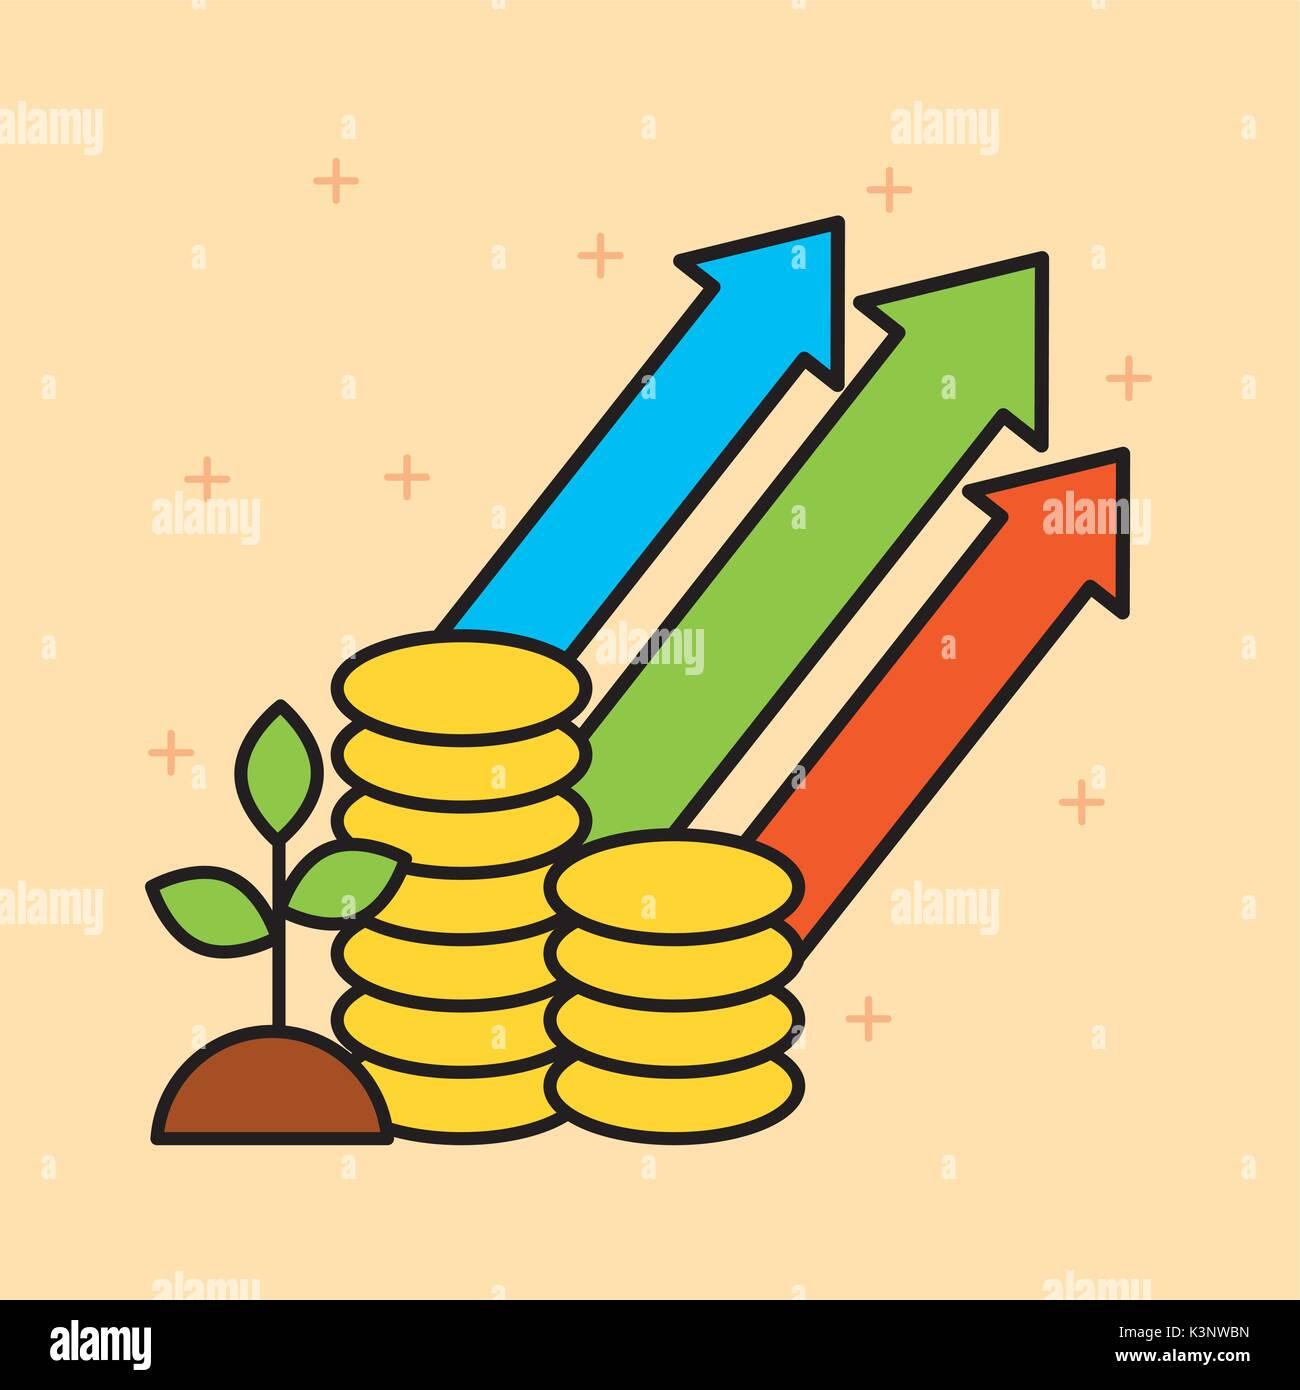 Satz von Finanz und Wirtschaft Wachstum investieren Konzepte Stockbild